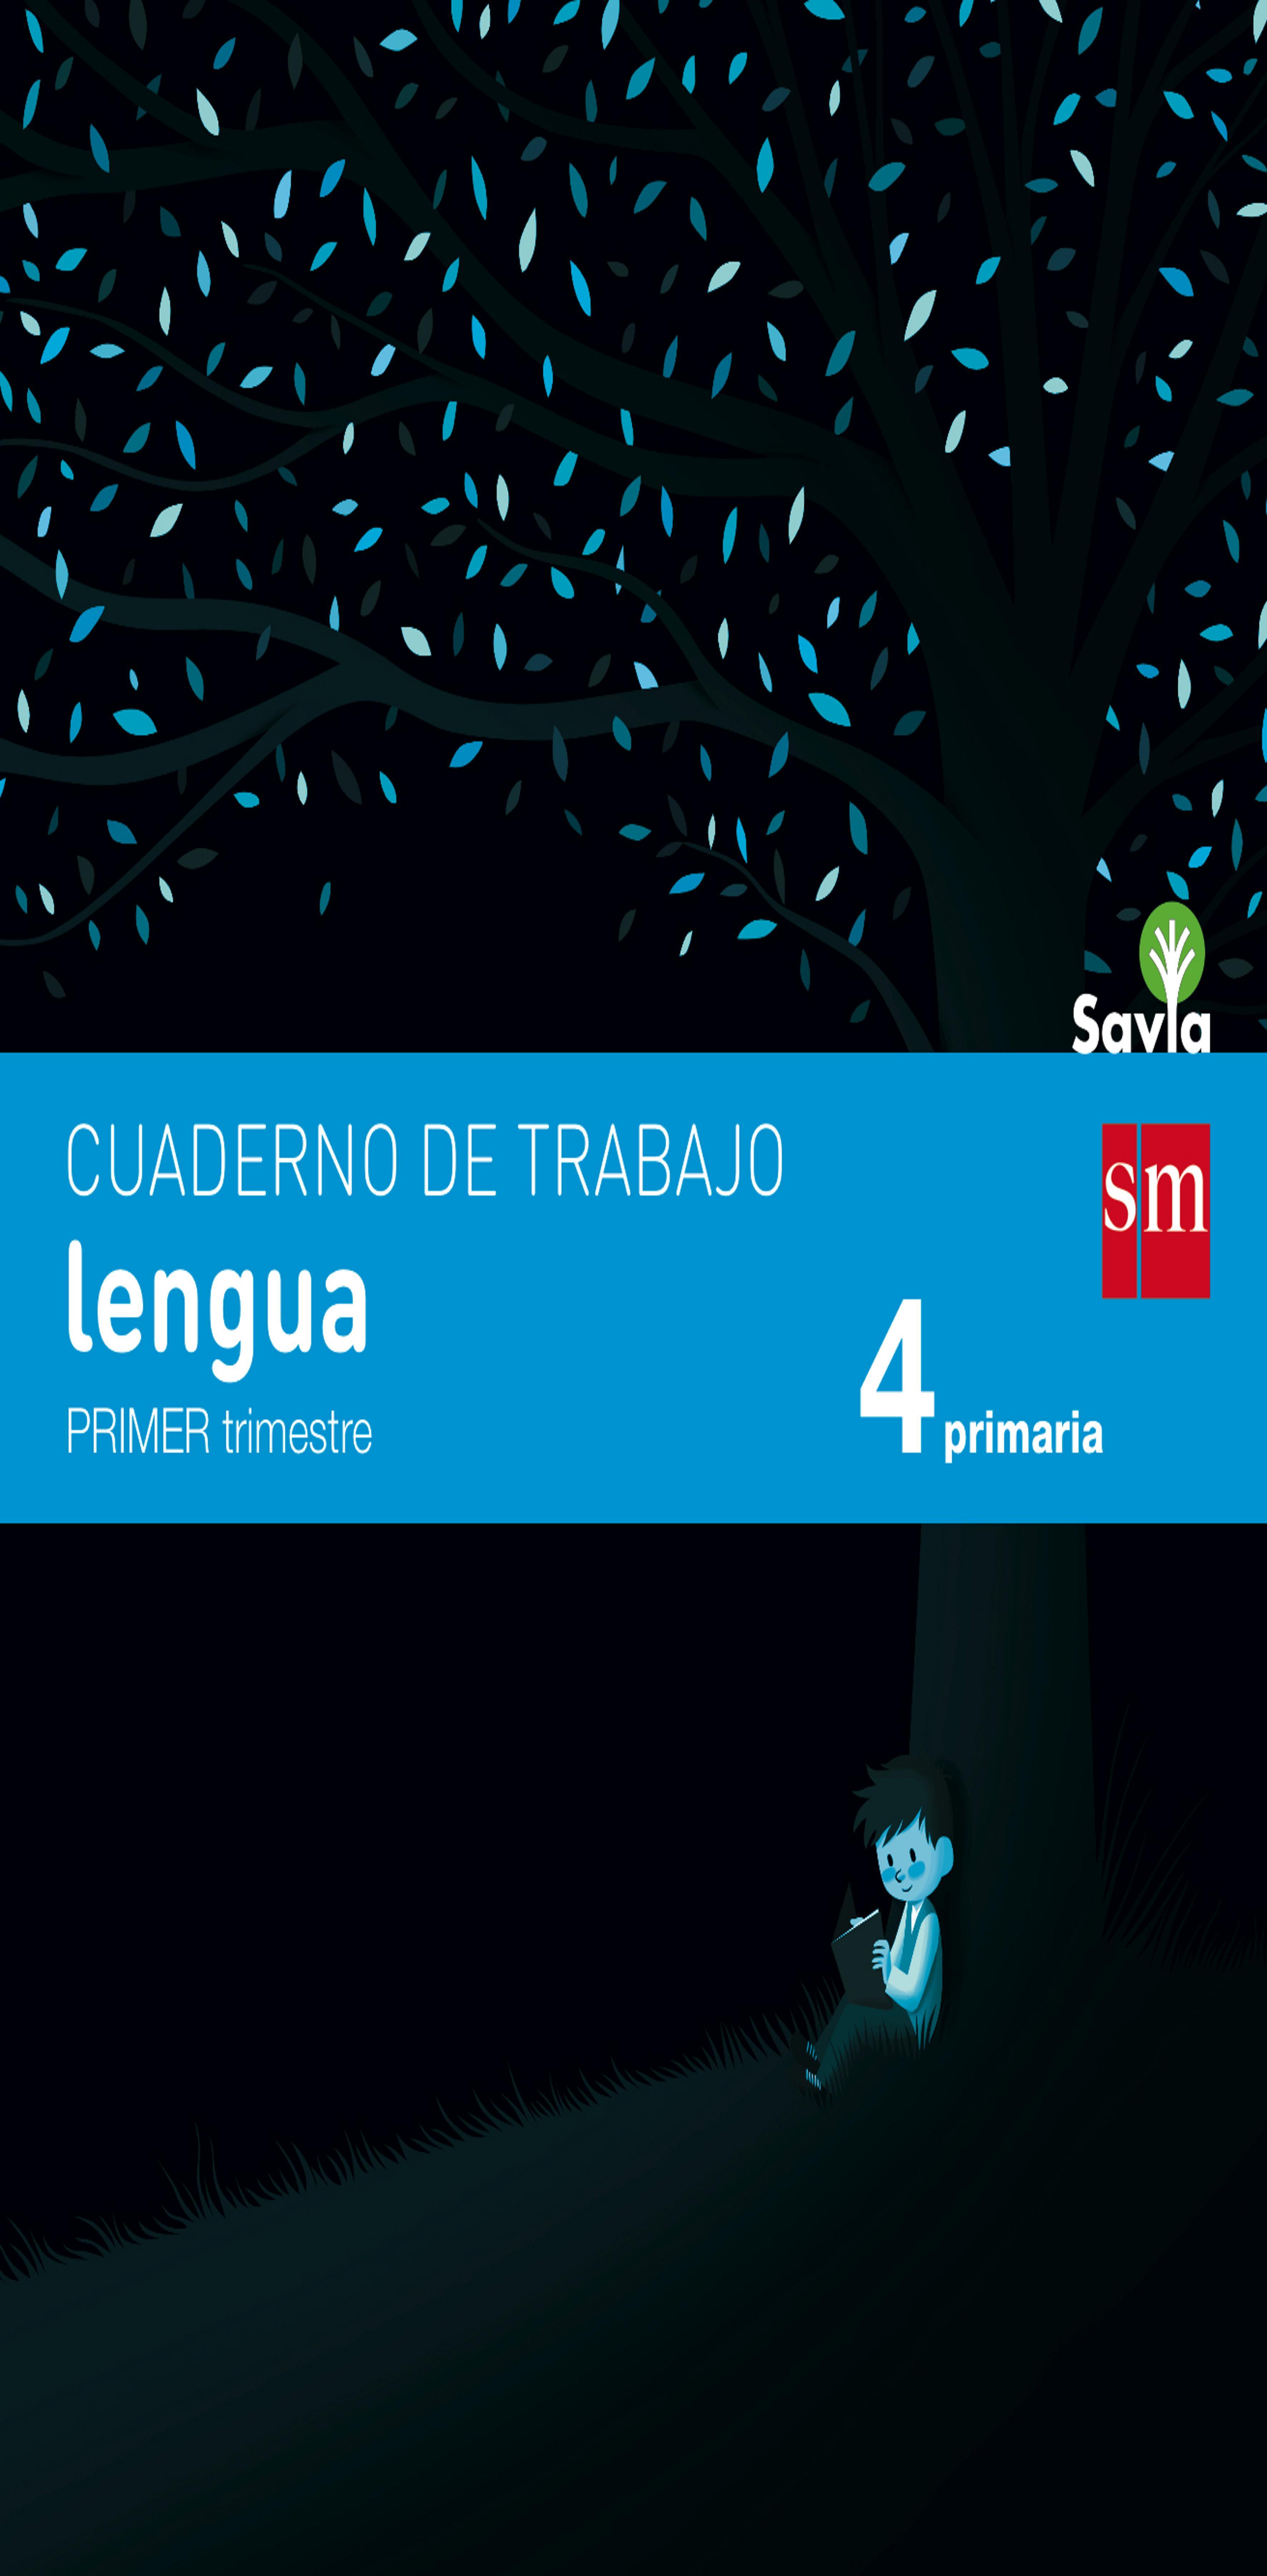 CUADERNO LENGUA 4 PRIM 1er Trimestre - Proyecto Savia